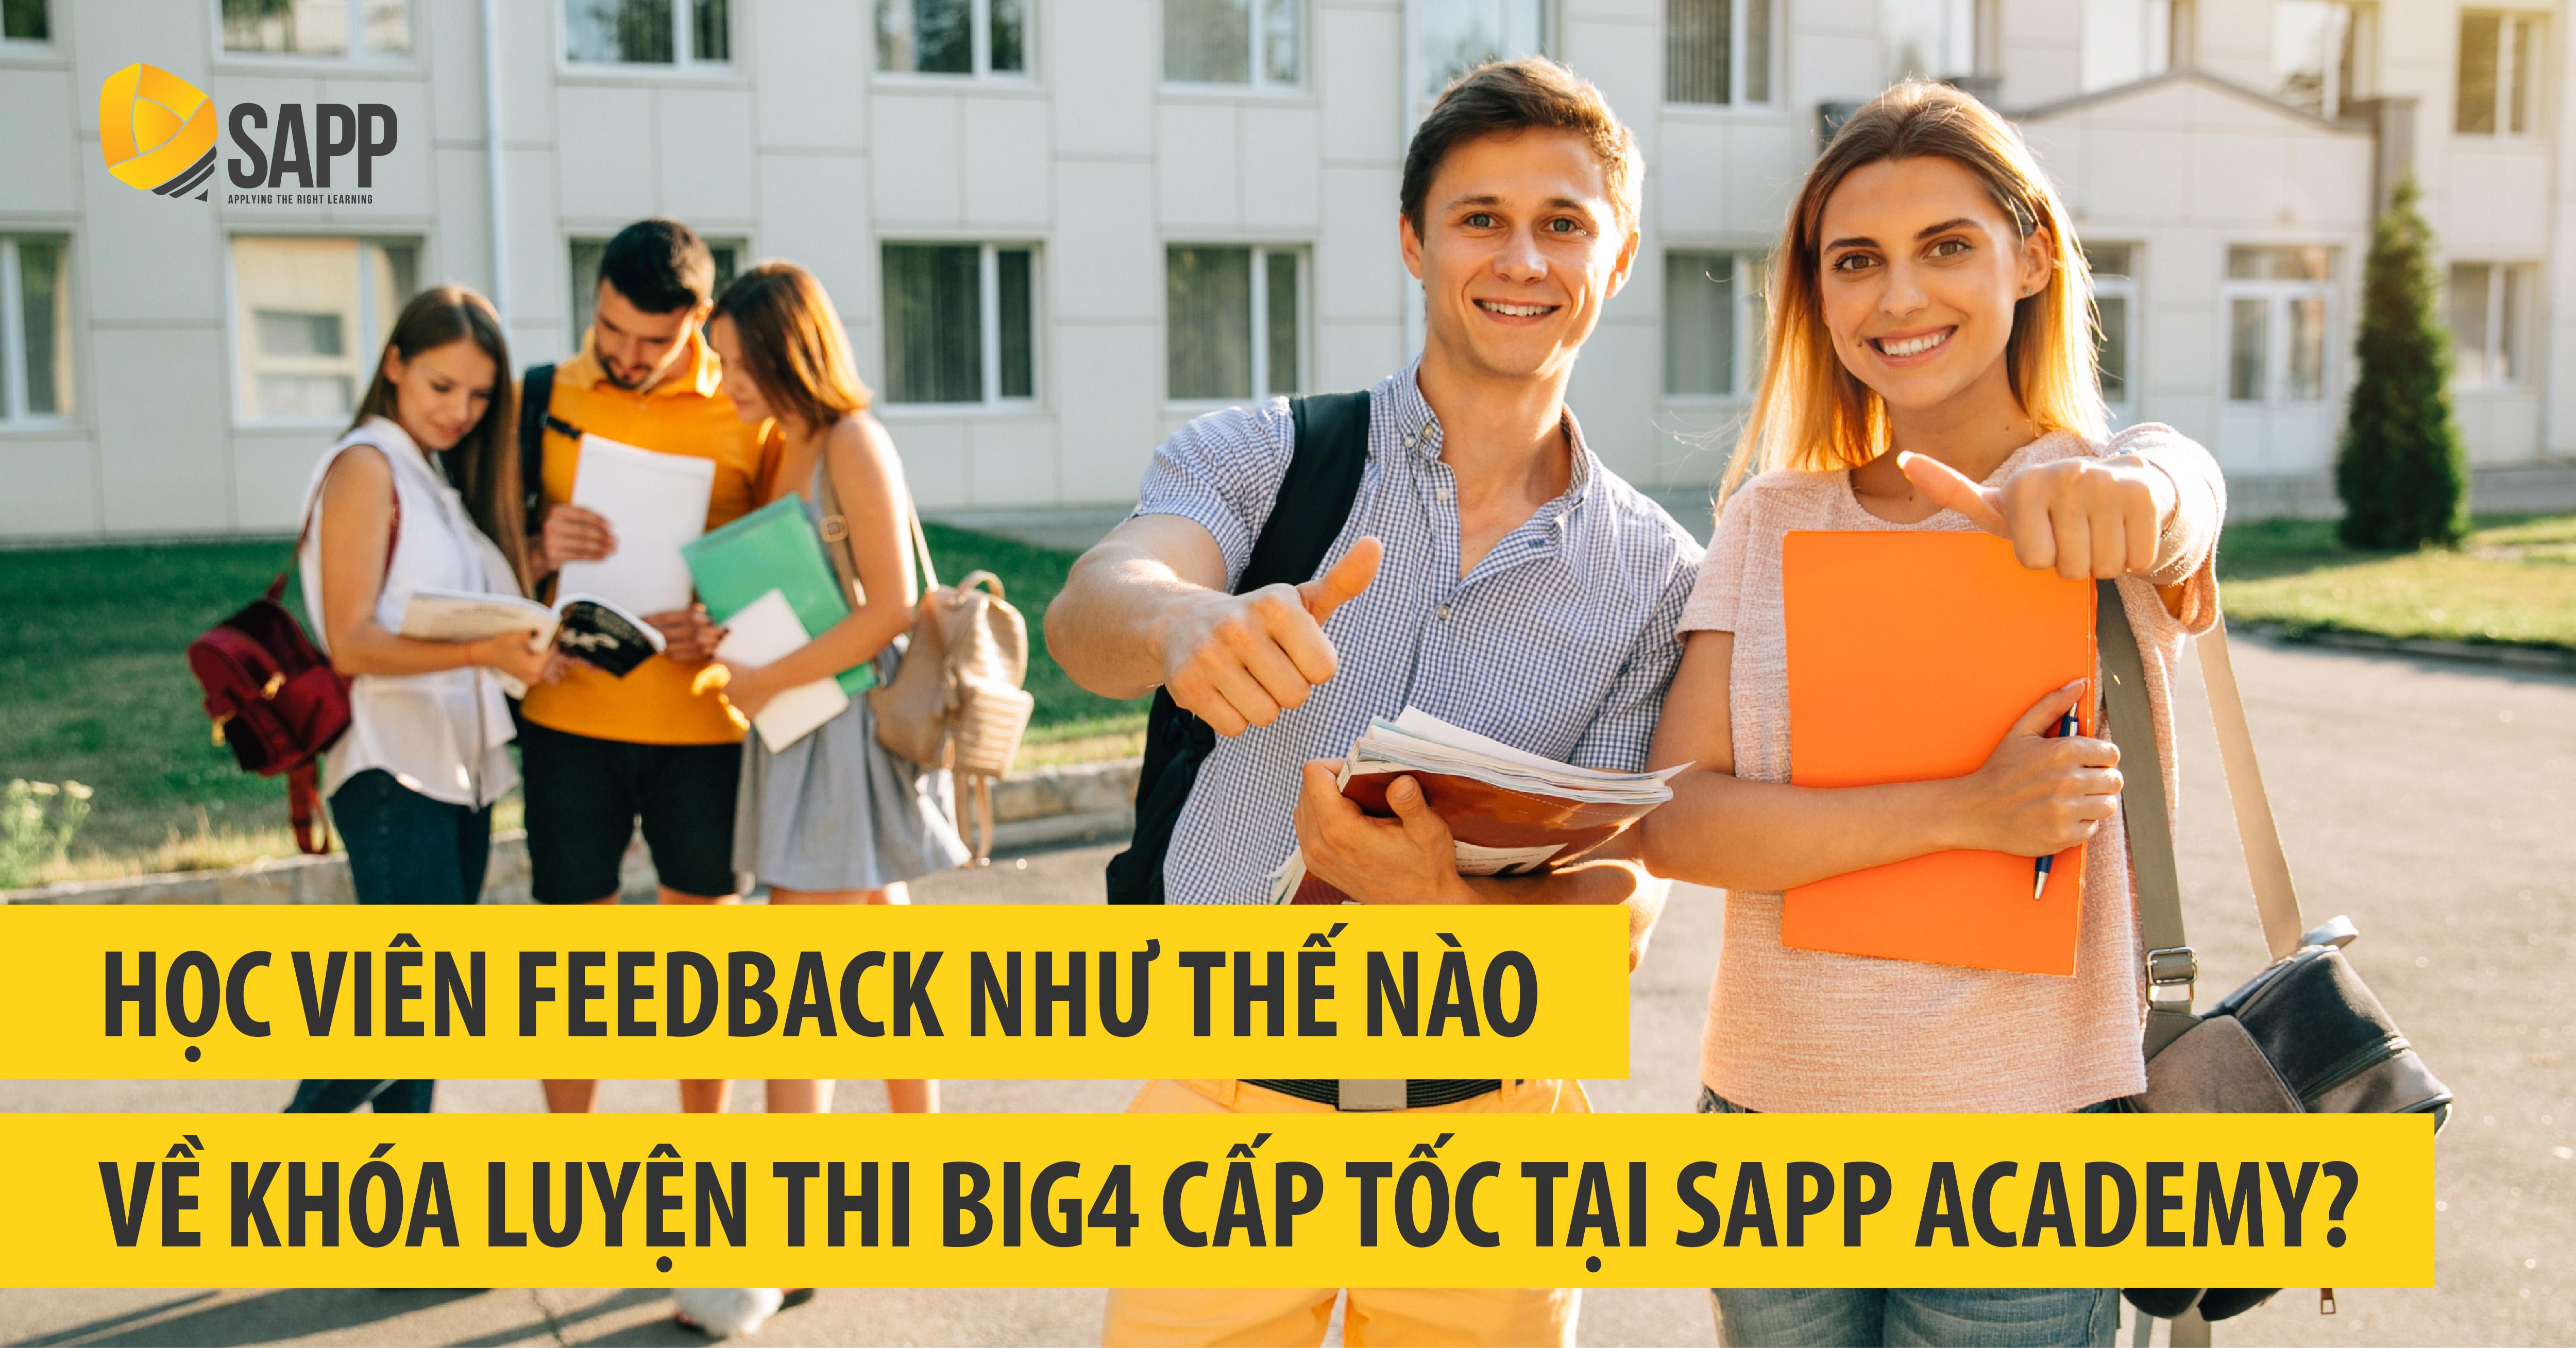 Học viên feedback như thế nào về khóa Luyện thi Big4 cấp tốc tại SAPP Academy?